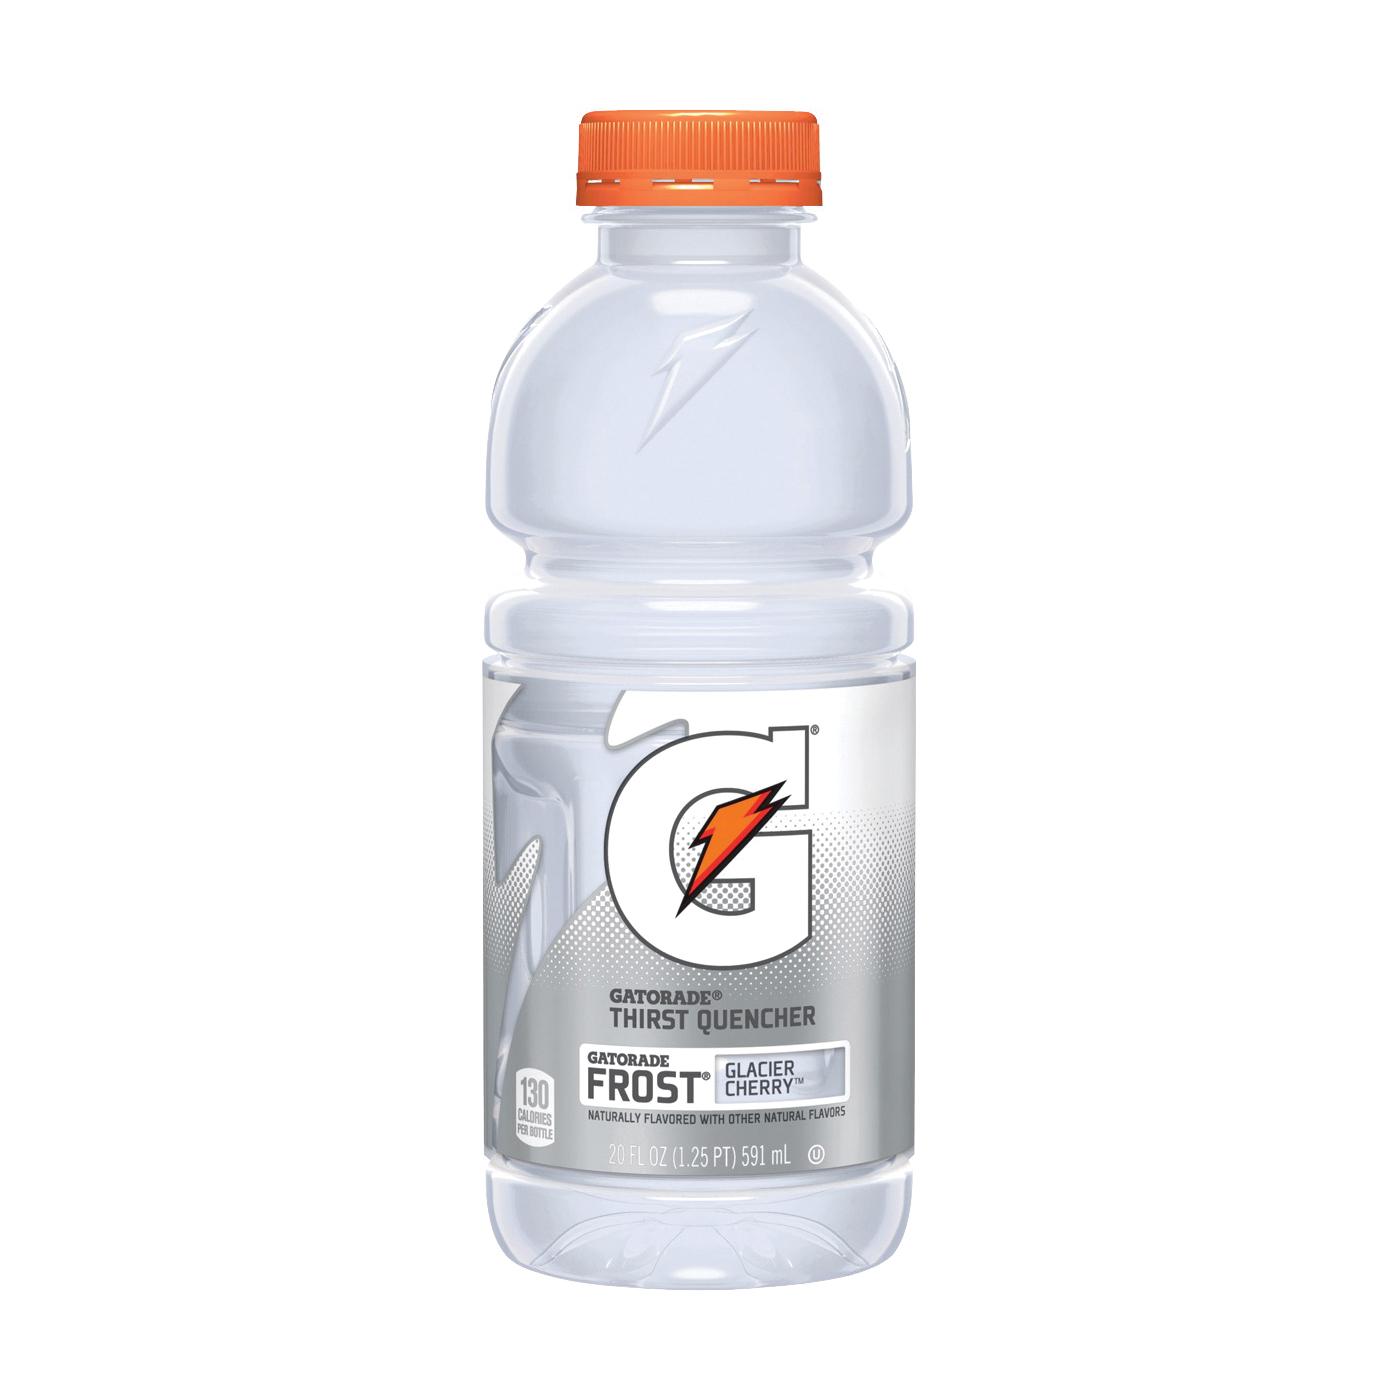 Picture of Gatorade G 10247 Sports Drink, Liquid, Glacier Cherry Flavor, 20 oz Package, Bottle